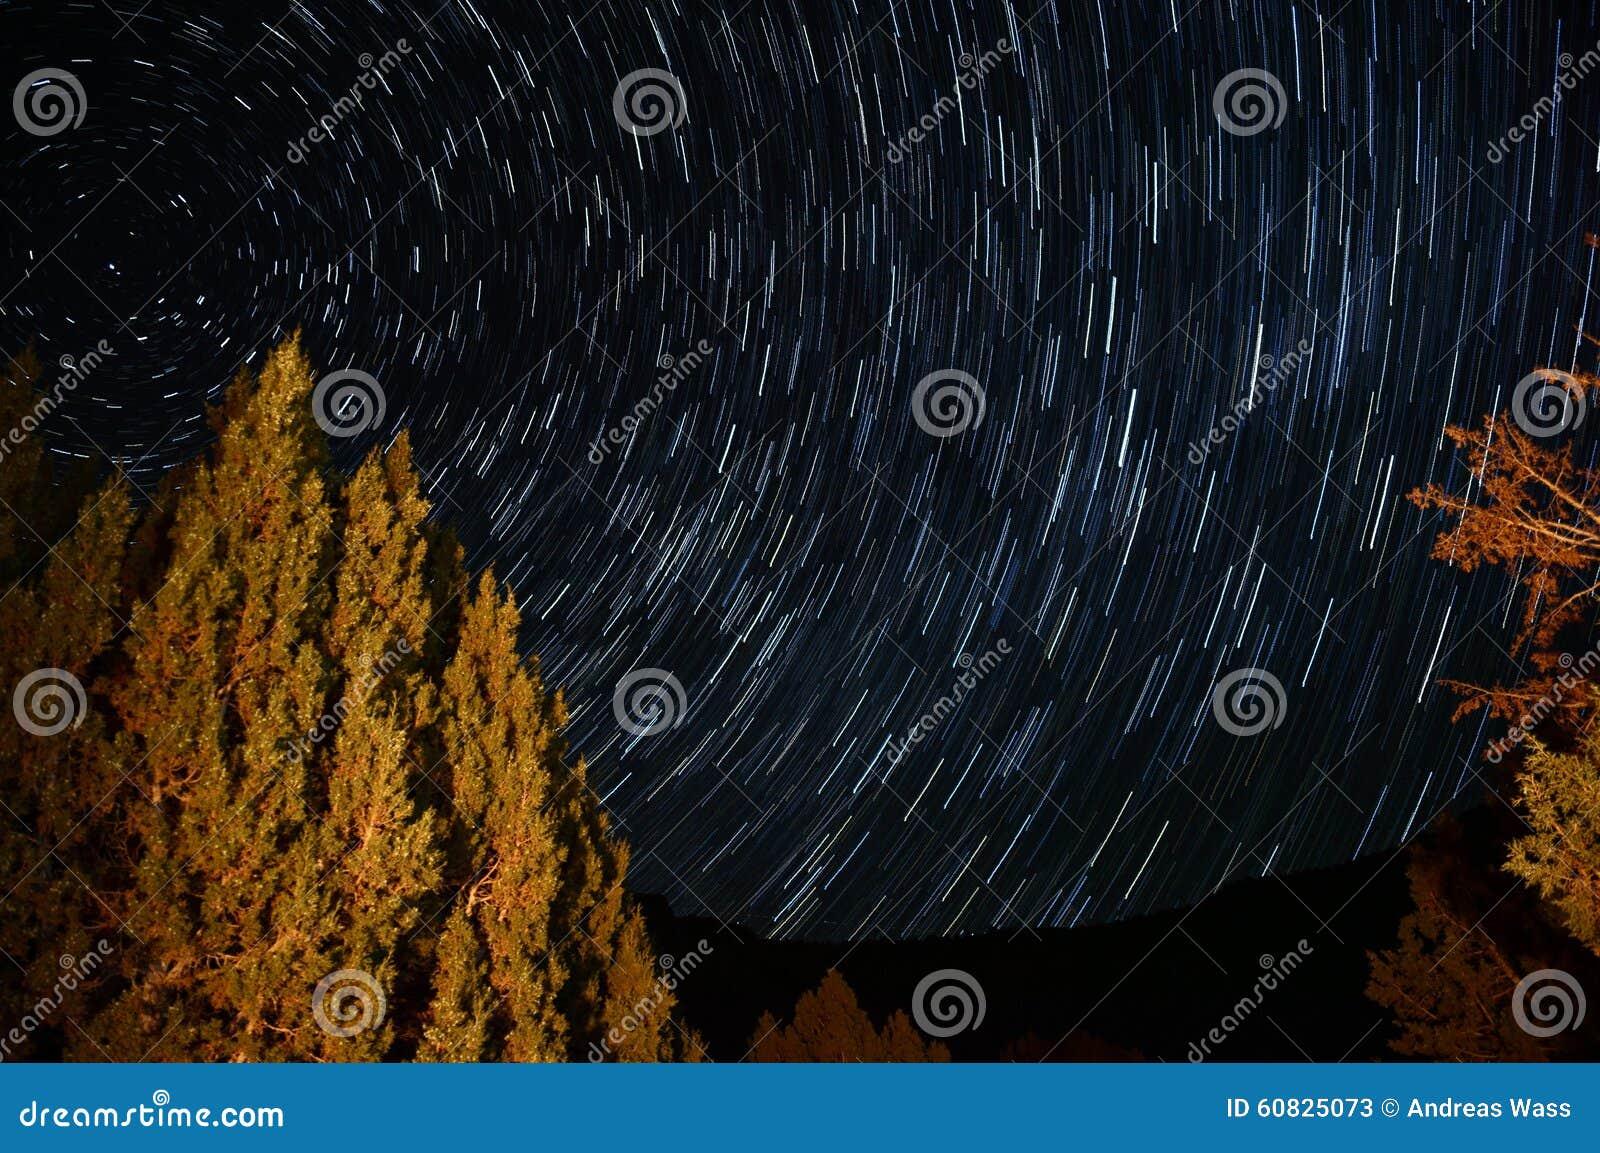 La estrella se arrastra alrededor de la estrella del polo con un árbol iluminado por una hoguera